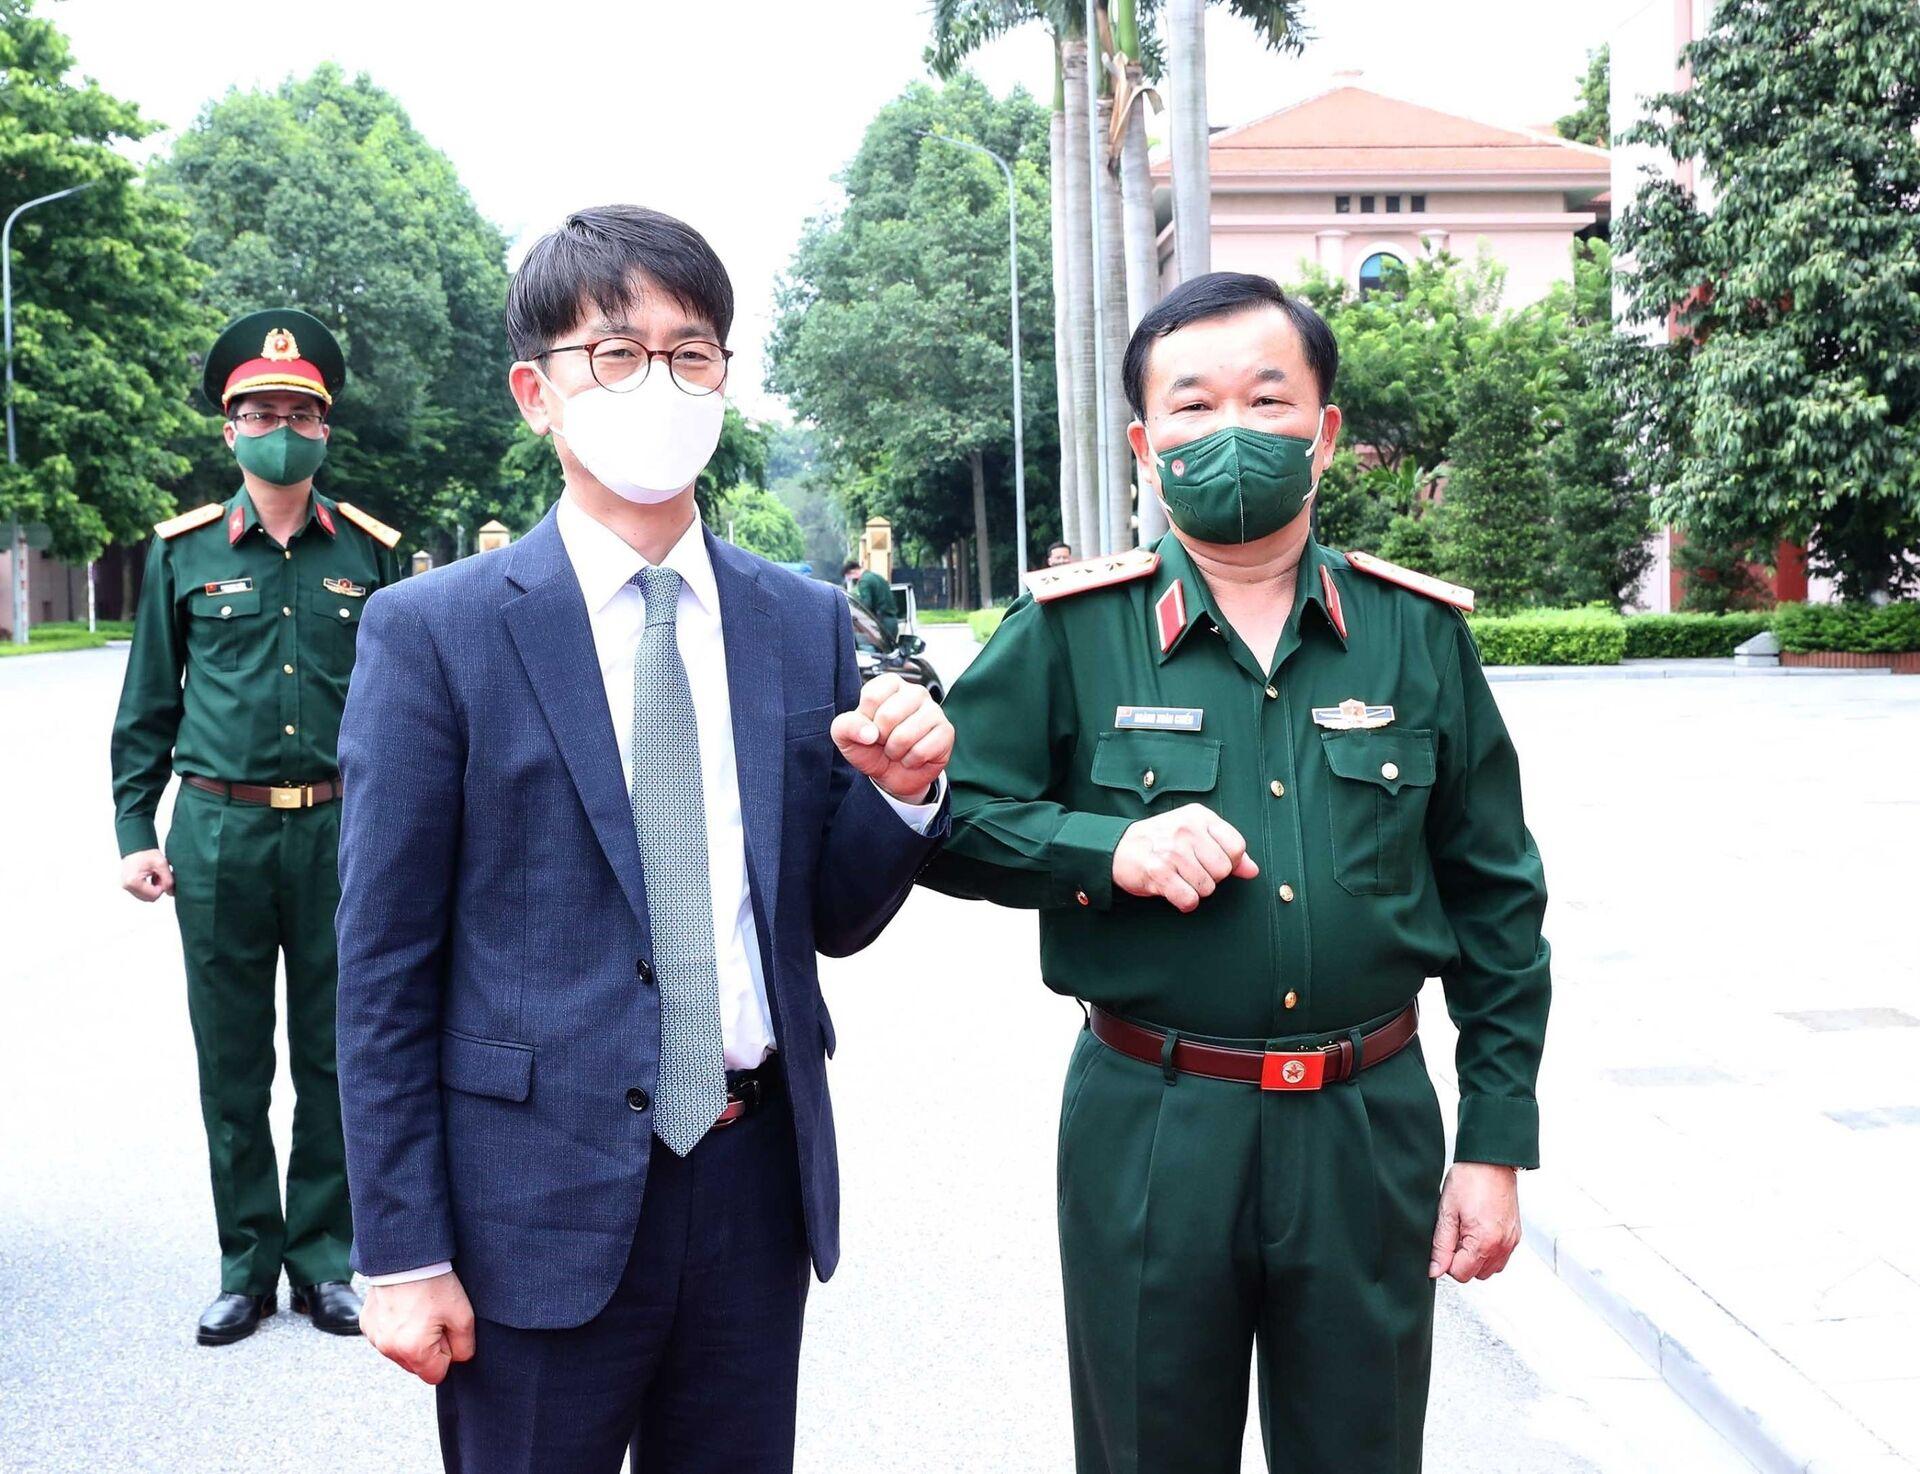 Thượng tướng Hoàng Xuân Chiến, Thứ trưởng Bộ Quốc phòng Việt Nam đón Ngài Park Jae Min, Thứ trưởng Bộ Quốc phòng Hàn Quốc tham dự đối thoại - Sputnik Việt Nam, 1920, 05.10.2021